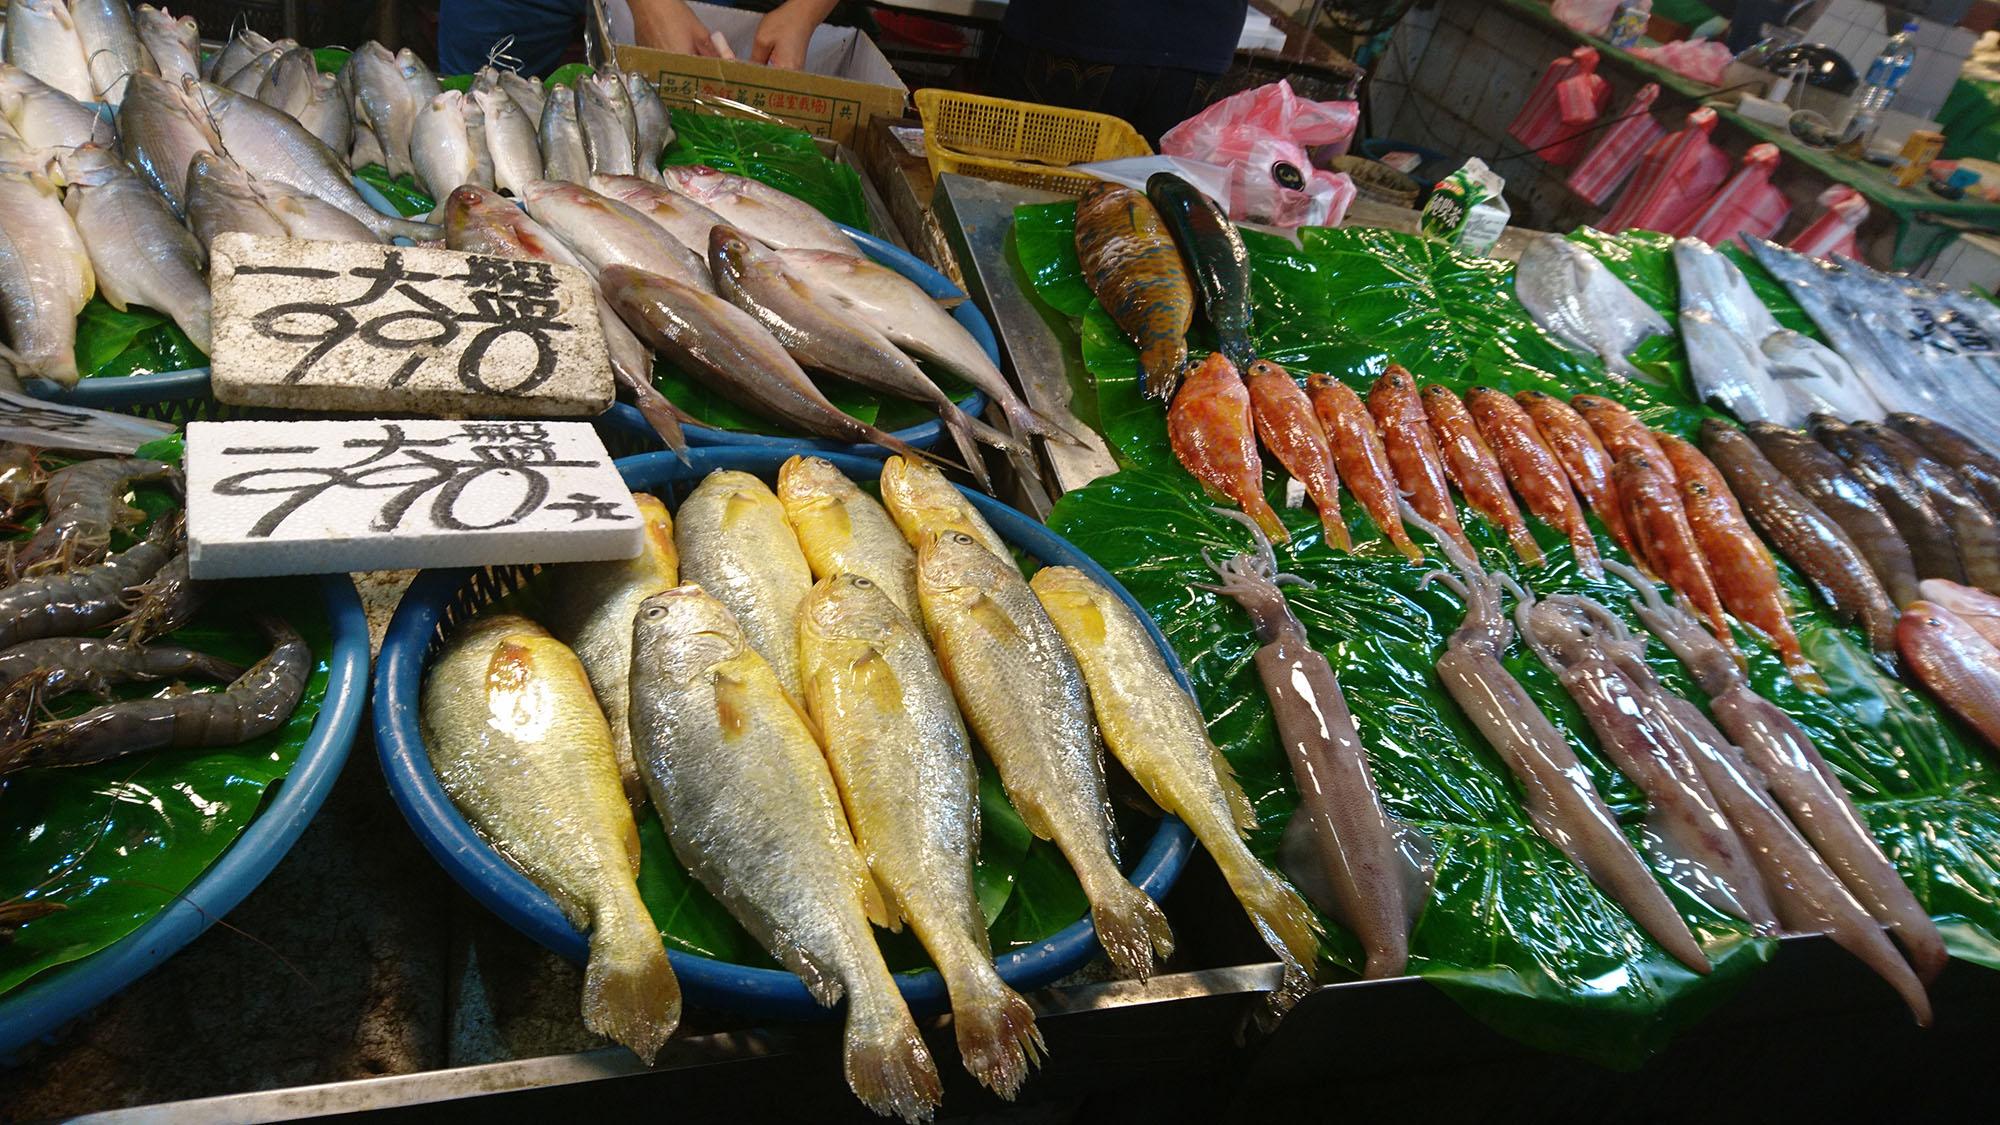 臺灣島民愛水產,從距今 5000 年前後的大坌坑早期文化,就可明顯看見食用魚、貝類的遺跡。荷蘭時期的《熱蘭遮城日誌》,也留有原住民食用海產、吃生鹹魚的記載。圖│研之有物